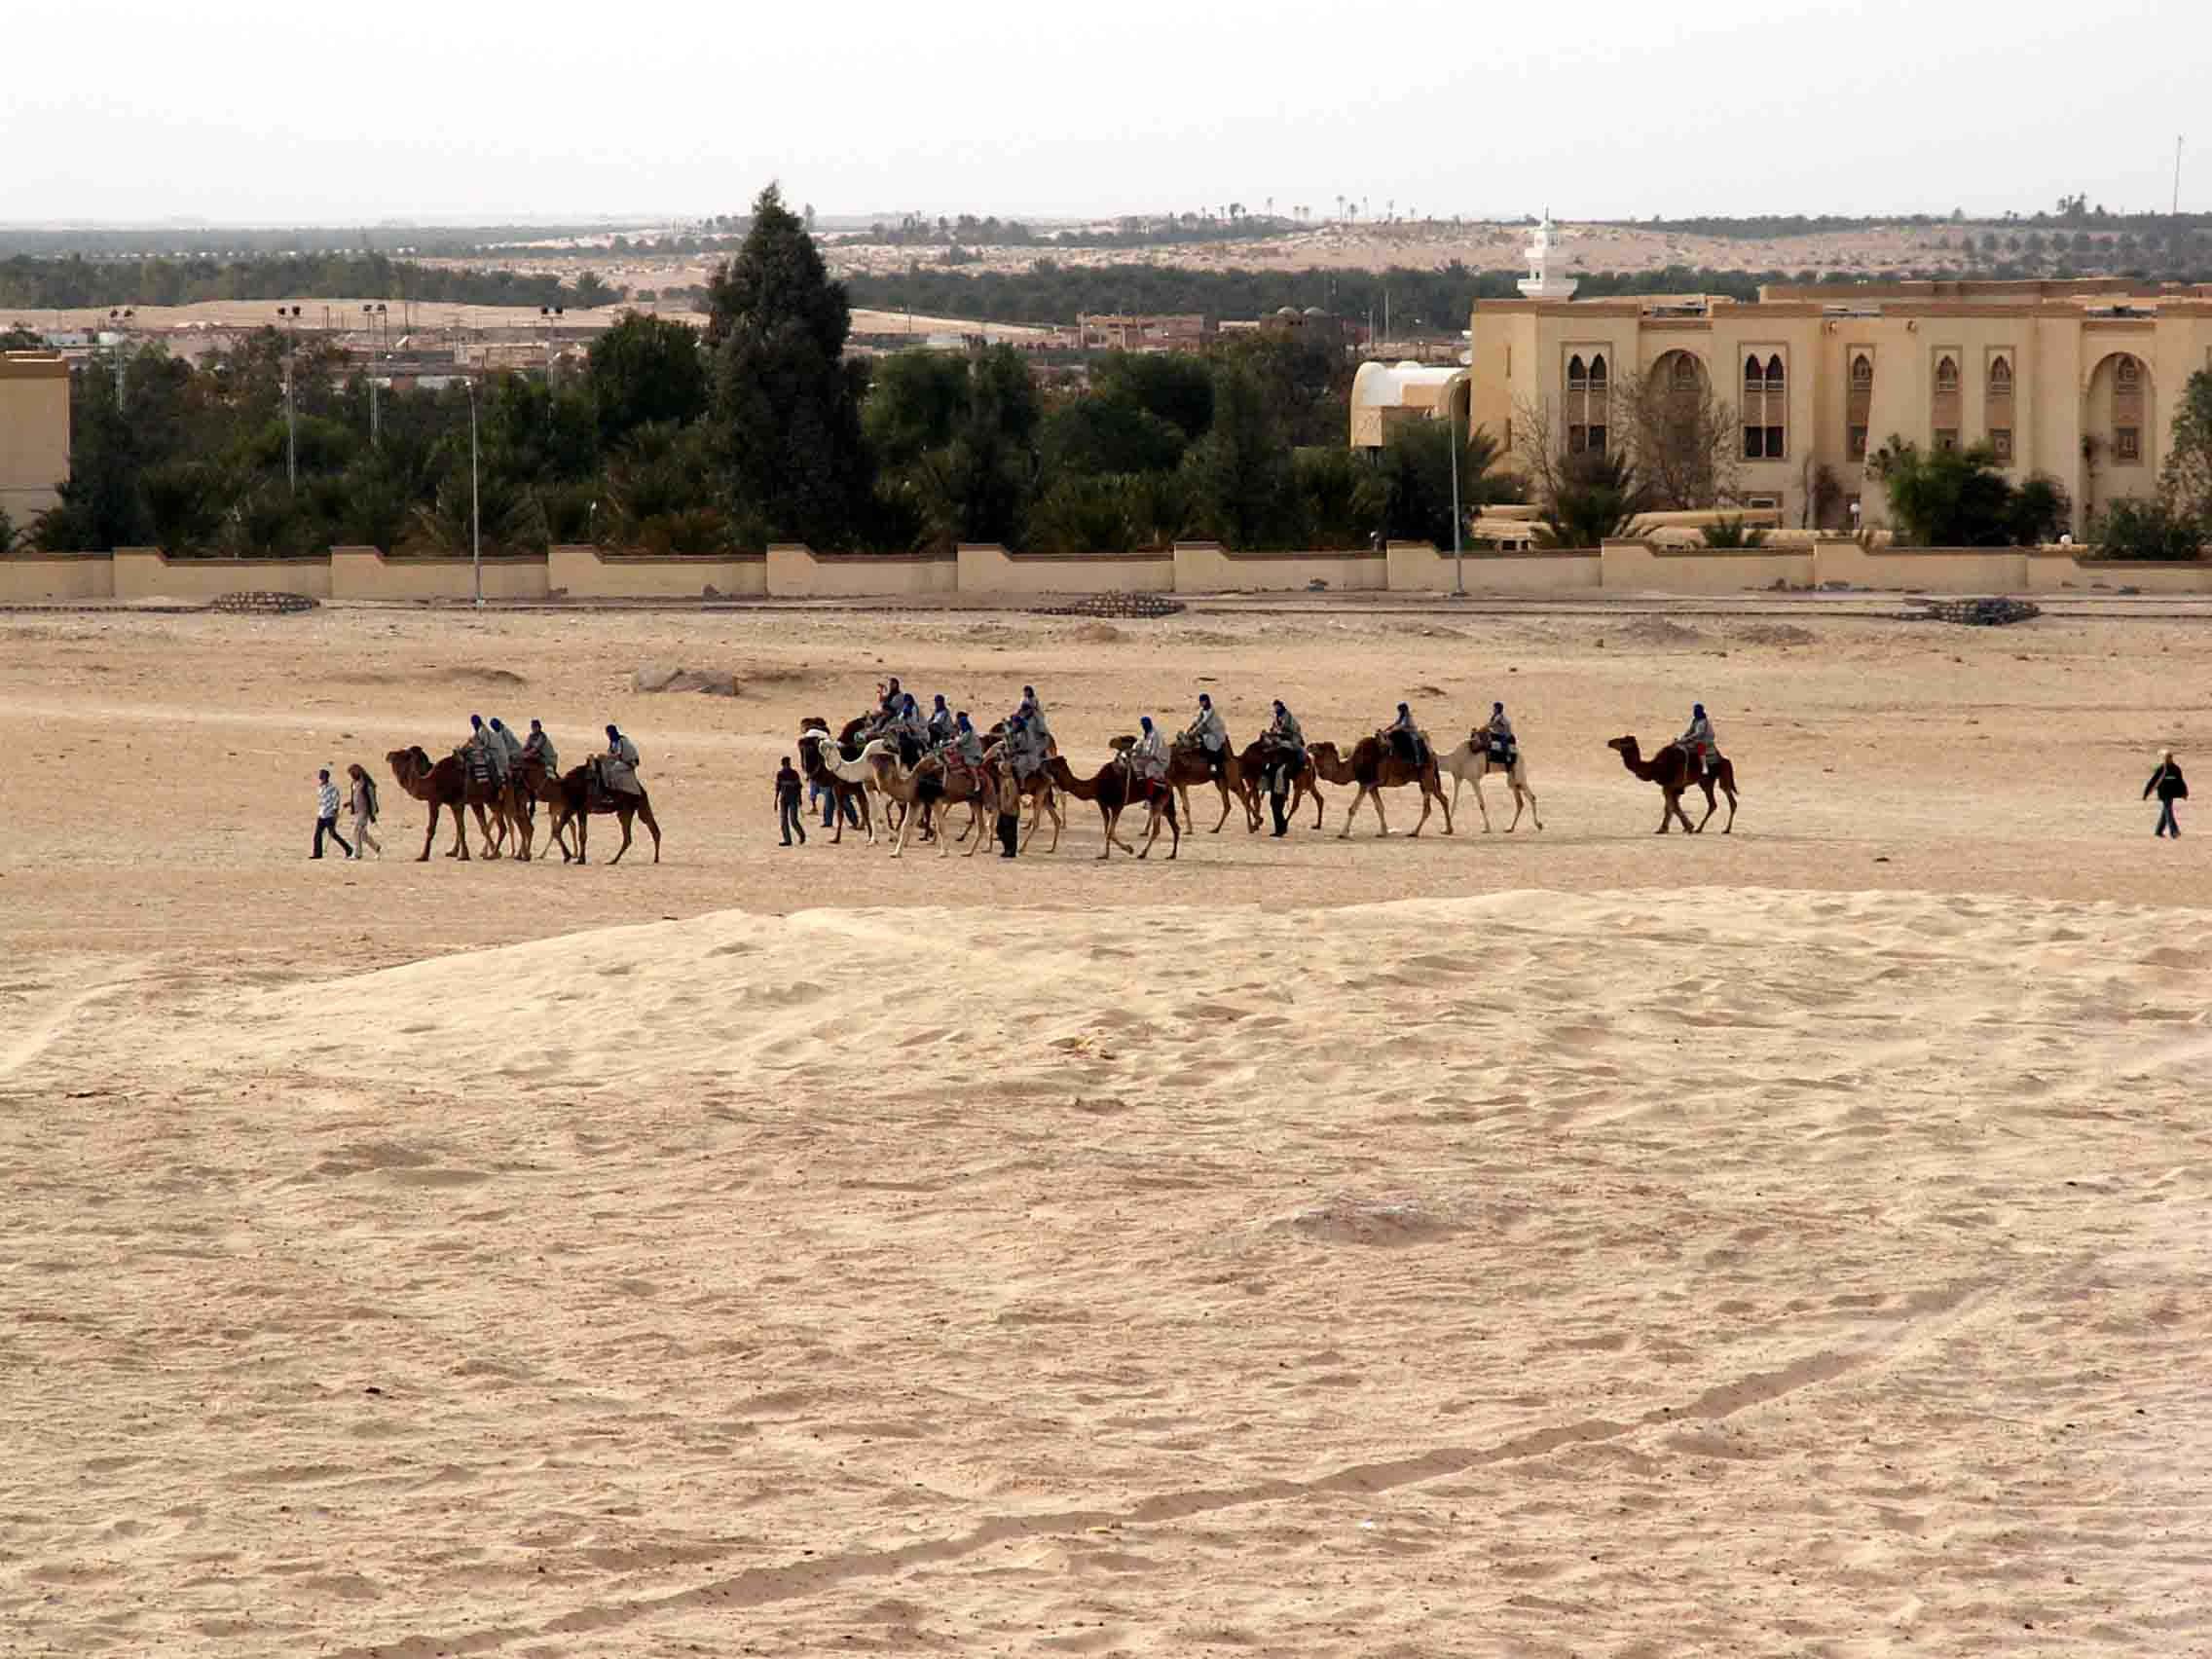 На краю Сахары. Тунис. Фото С. Н. Литвинчука. 15.03.2005